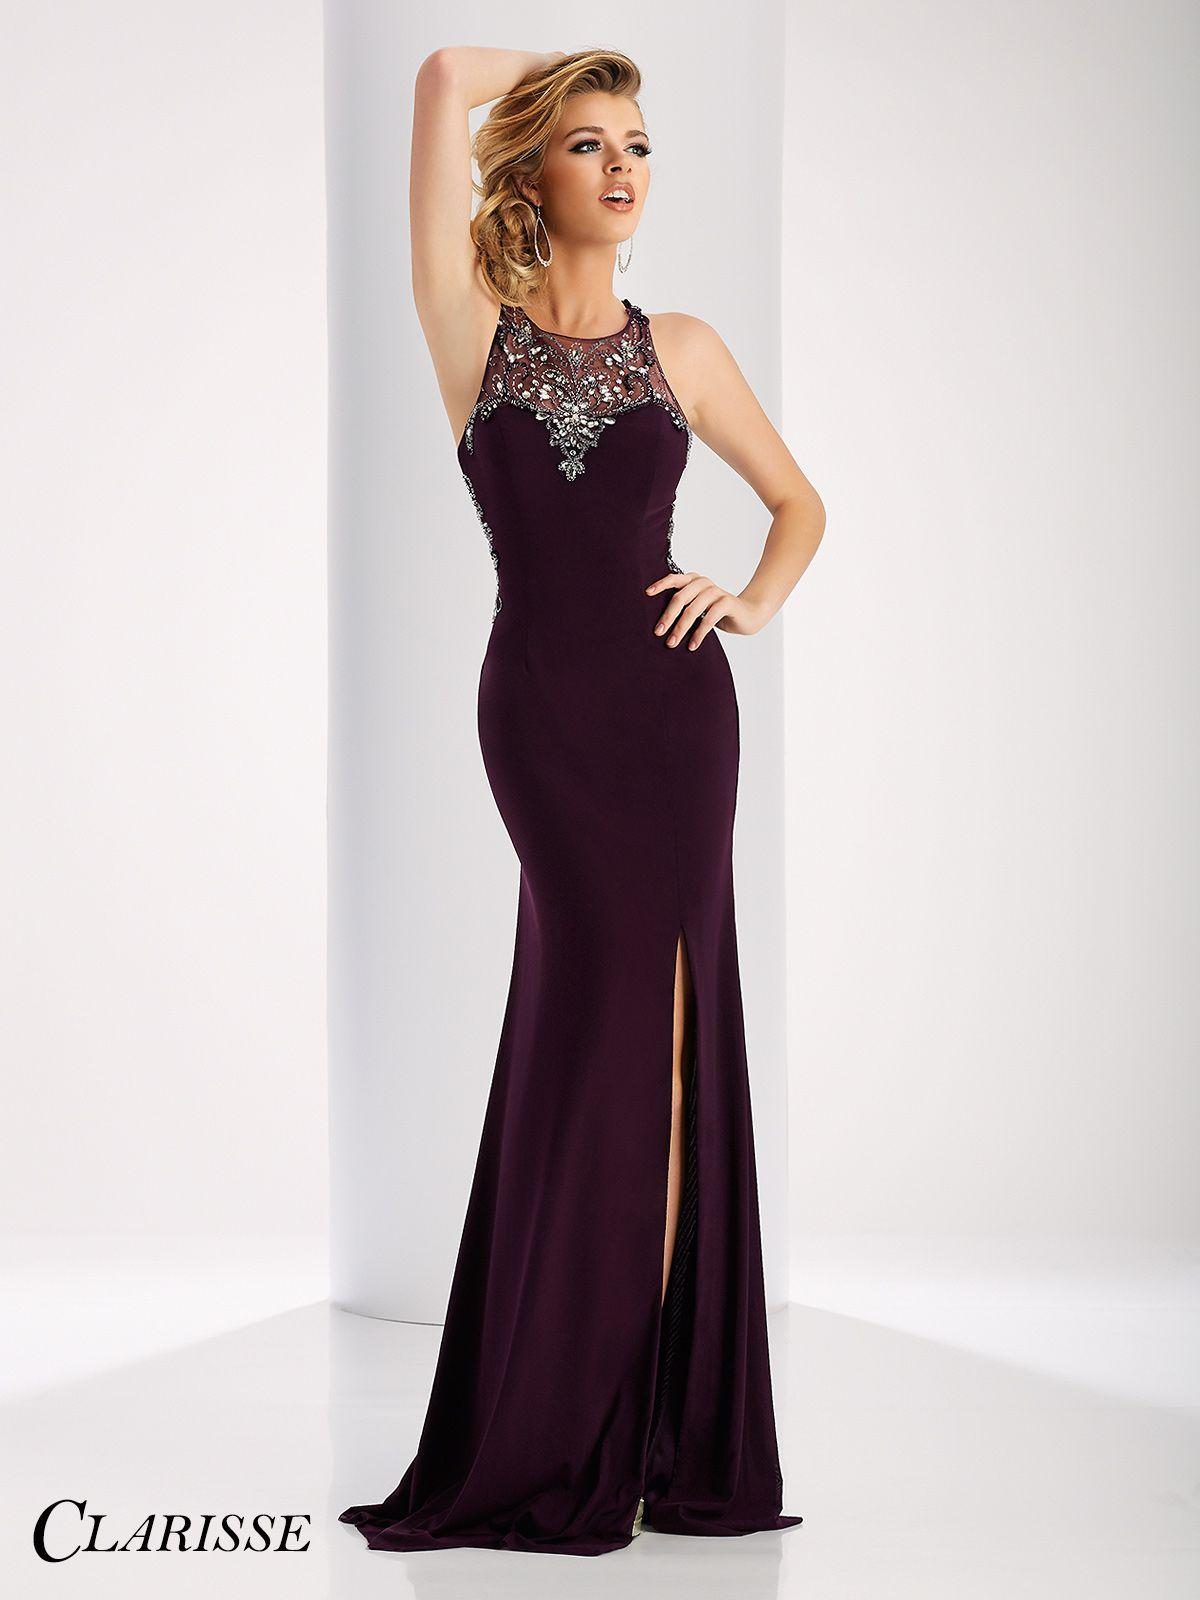 Clarisse Sparkling Embellished Prom Dress 3115